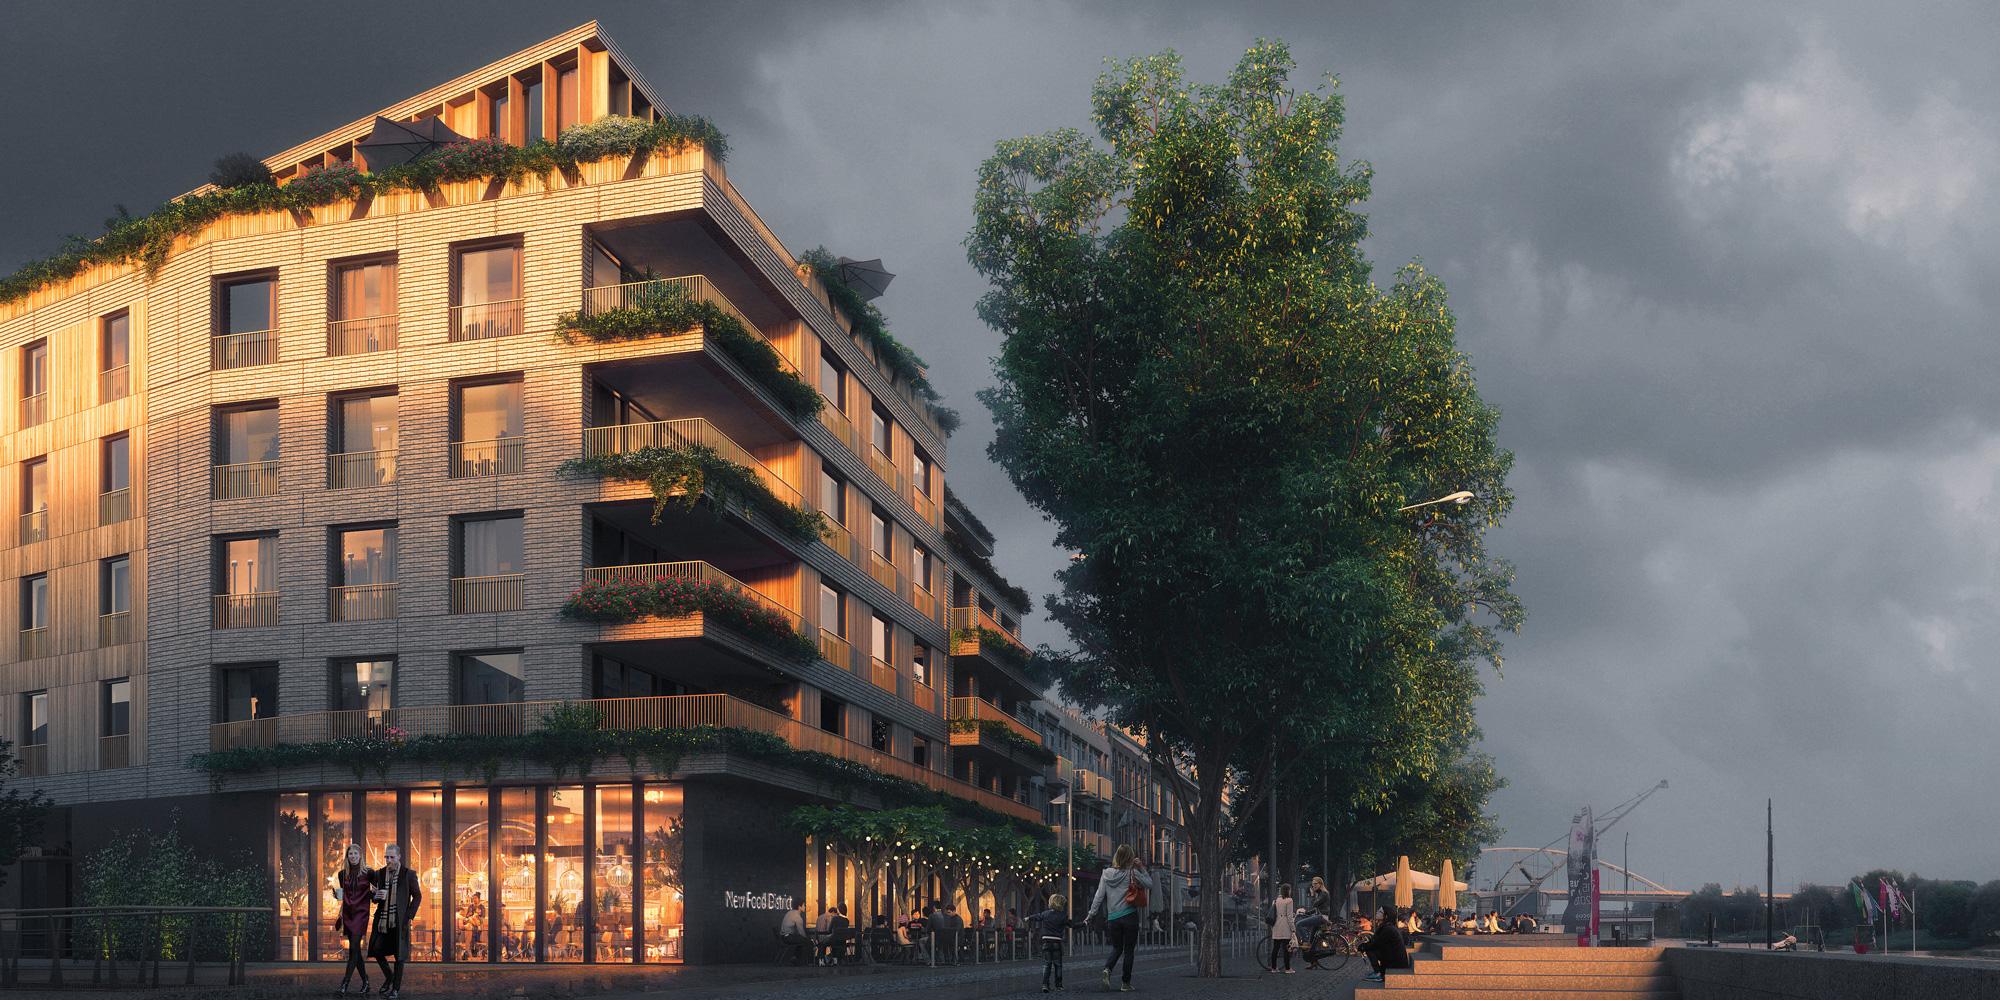 arnhem-samen-architectuur-maken-in-de-stad